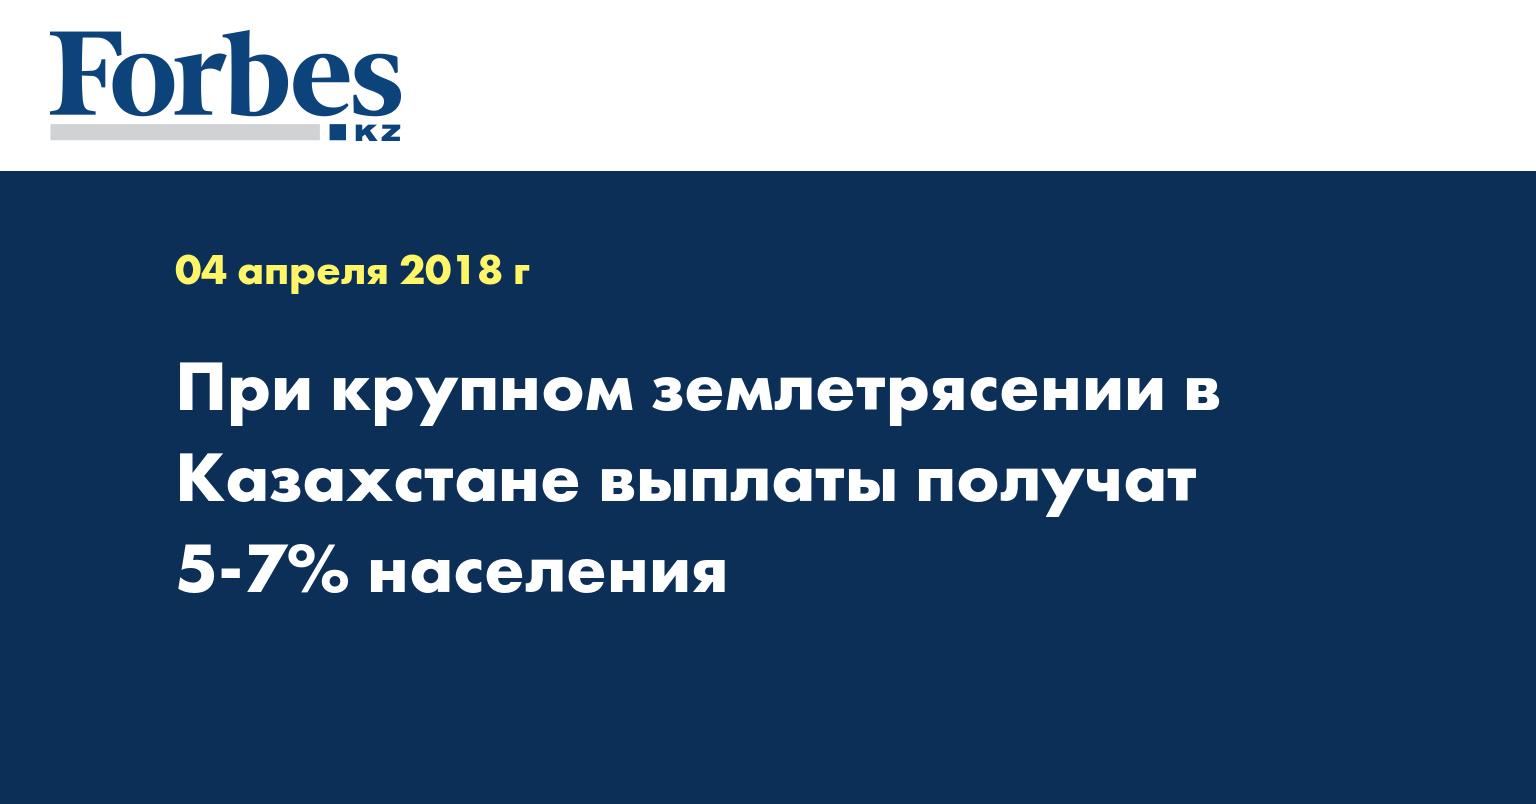 При крупном землетрясении в Казахстане выплаты получат 5-7% населения